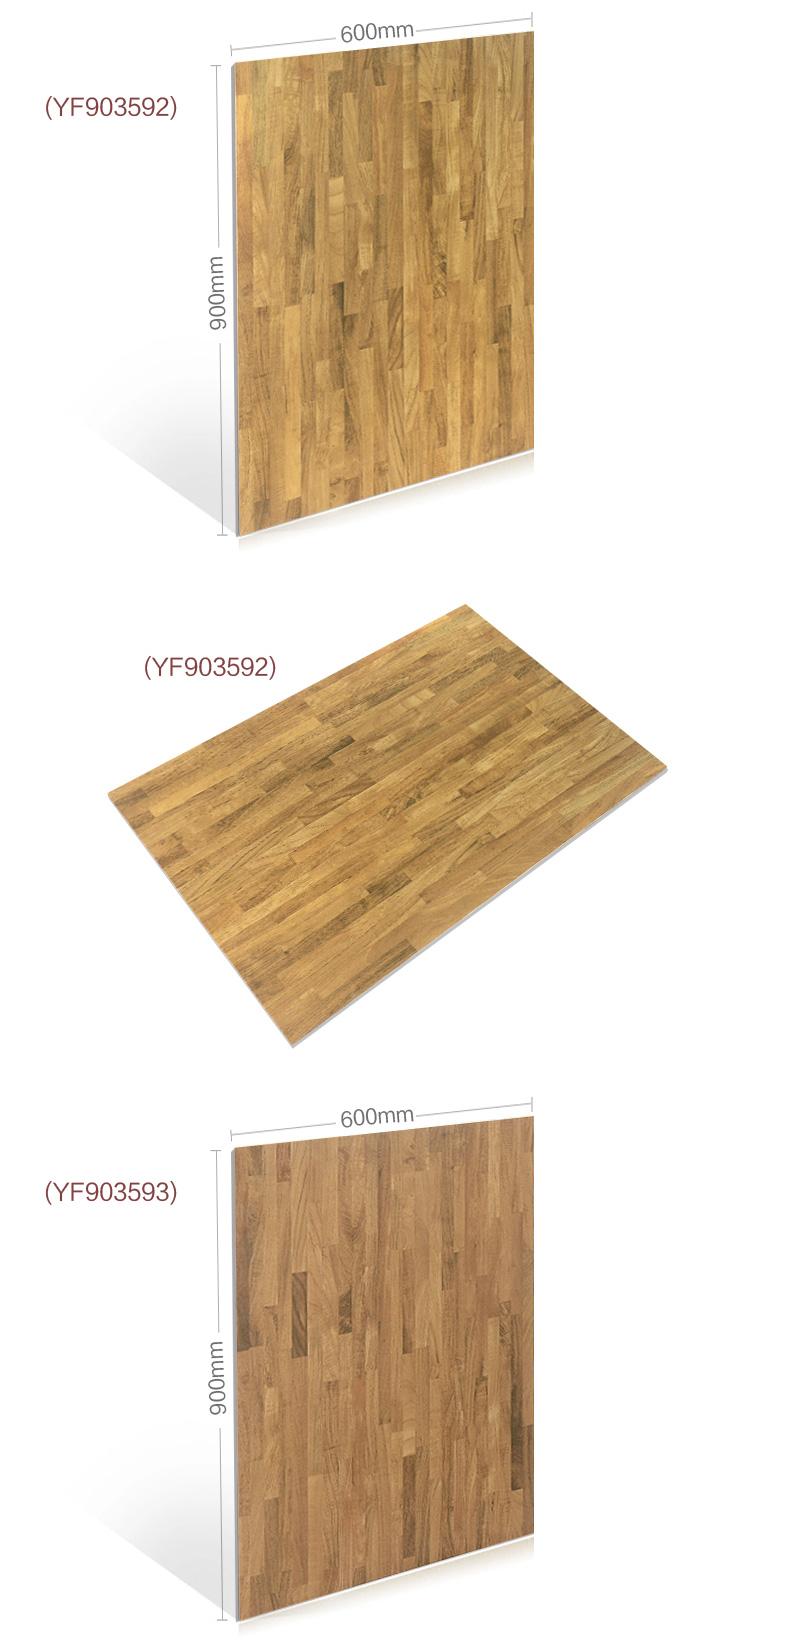 东鹏瓷砖 木纹仿古砖瓷砖 客厅卧室仿木瓷木地板砖 北美橡木 yf903593